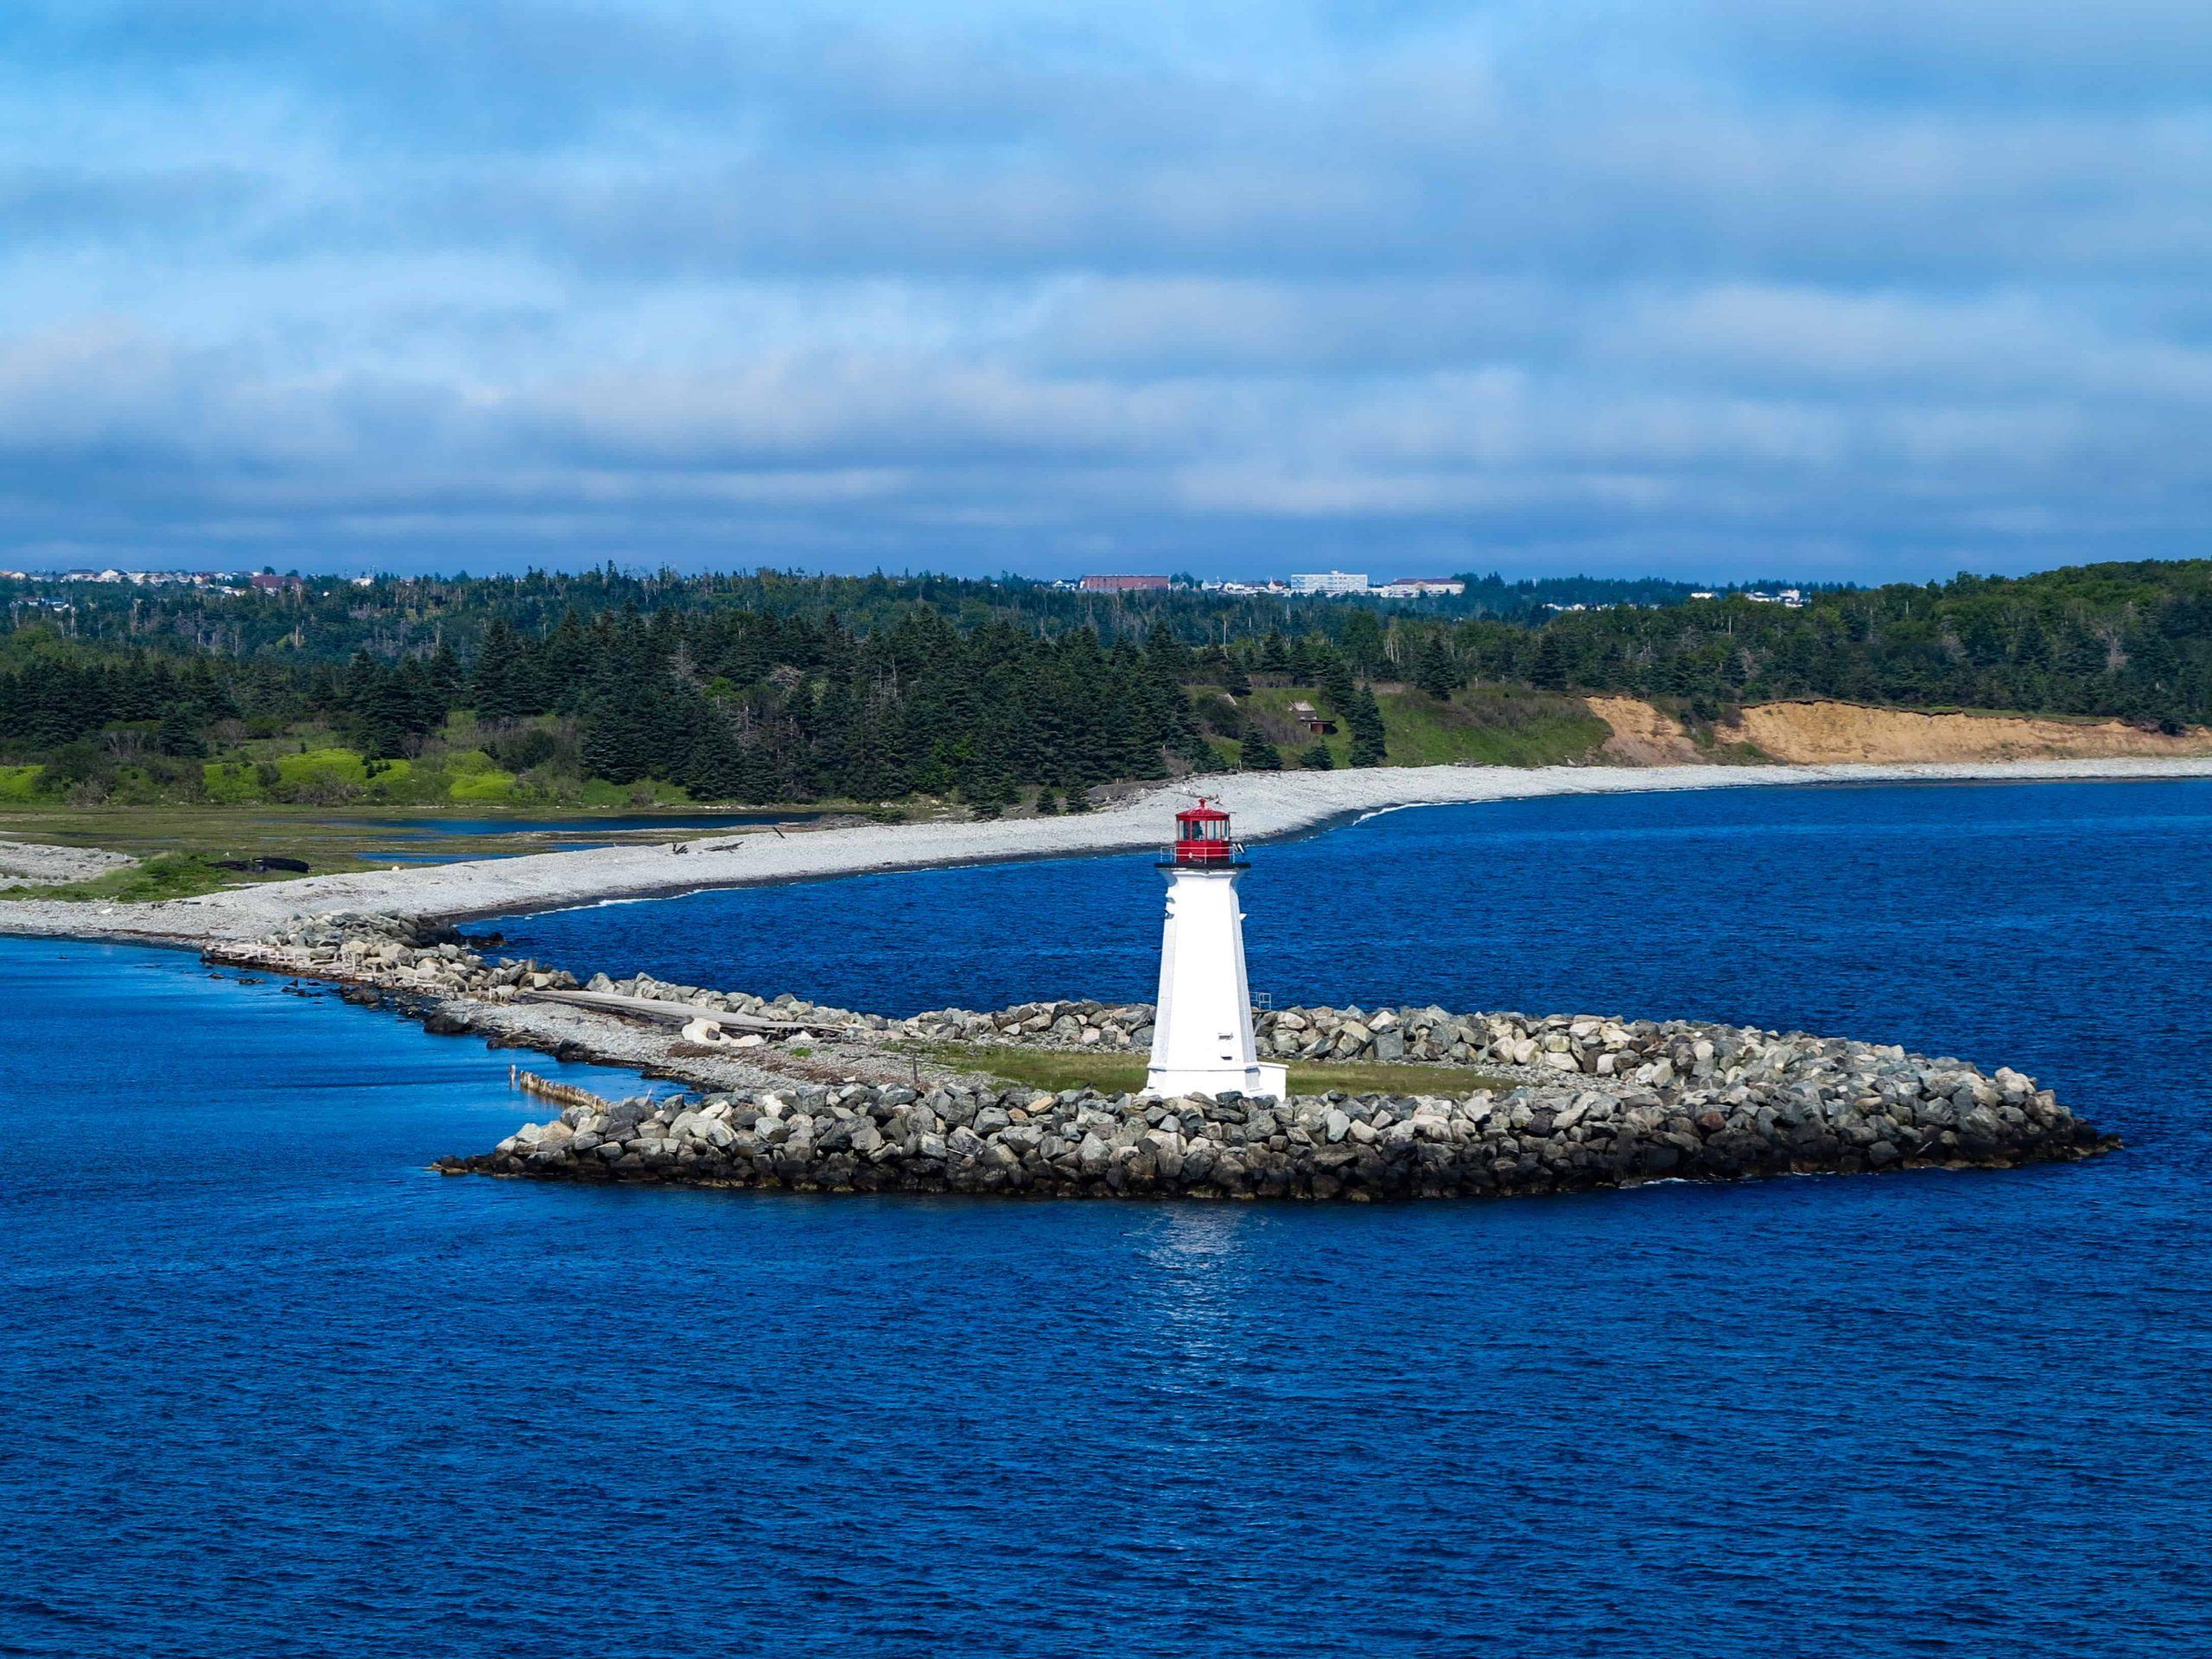 Rundreise Rundreise Nova Scotia: Empfehlungen & Vergleich (01/21)